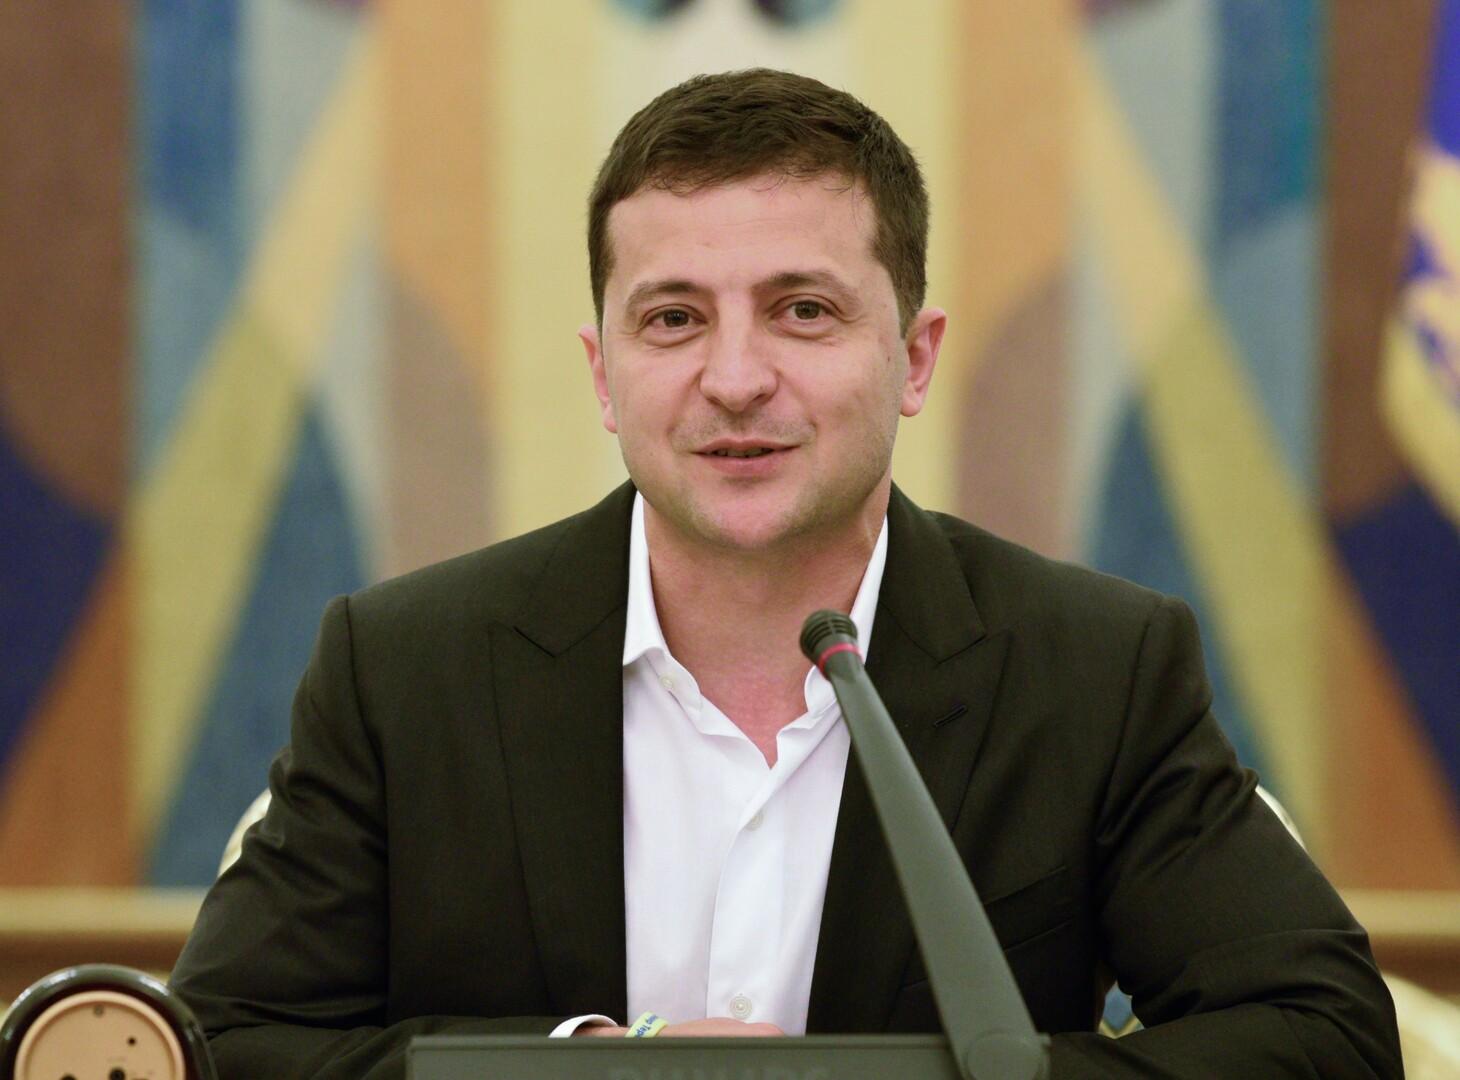 زيلينسكي: عملية تبادل المعتقلين هي المرحلة الأولى من تنفيذ اتفاقياتنا مع بوتين